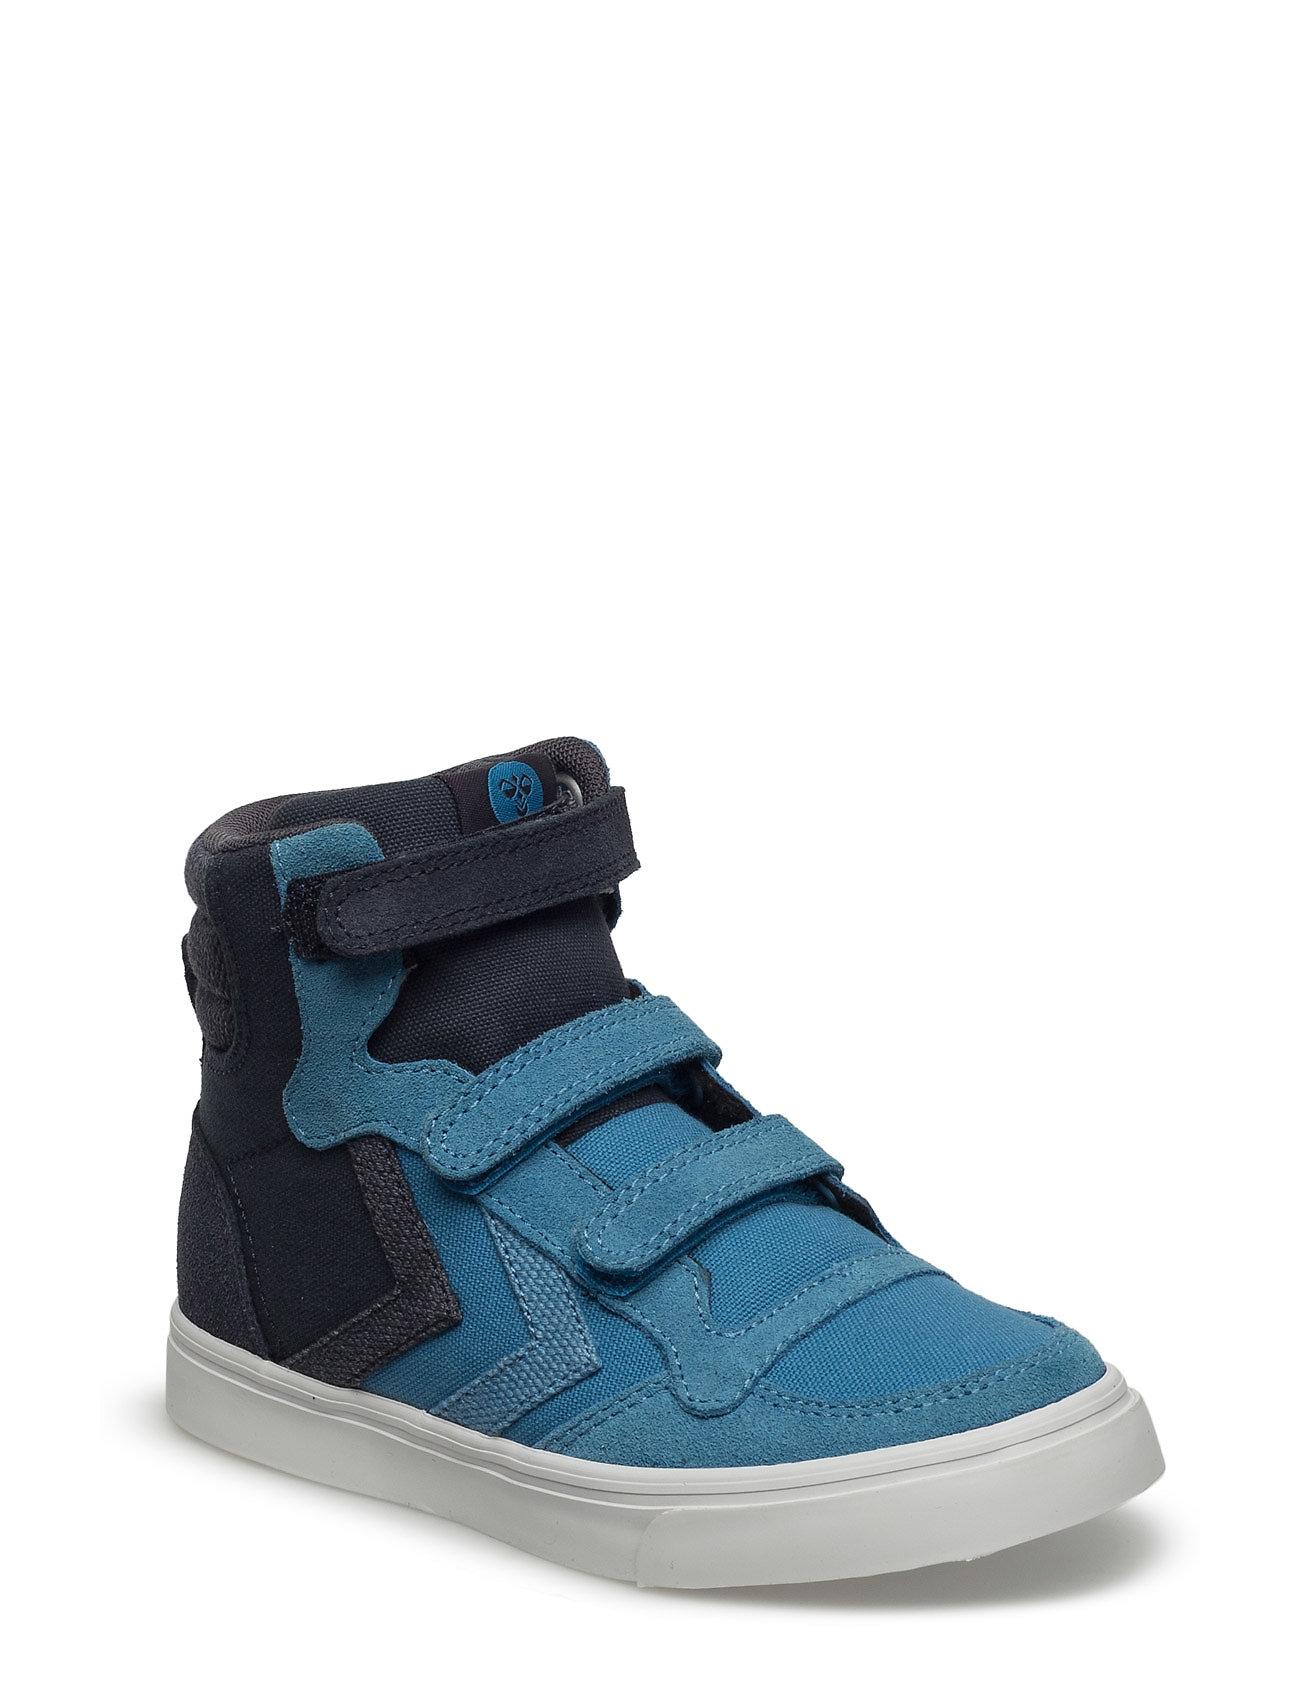 Stadil 50fifty Canvas Jr Hummel Sko & Sneakers til Børn i